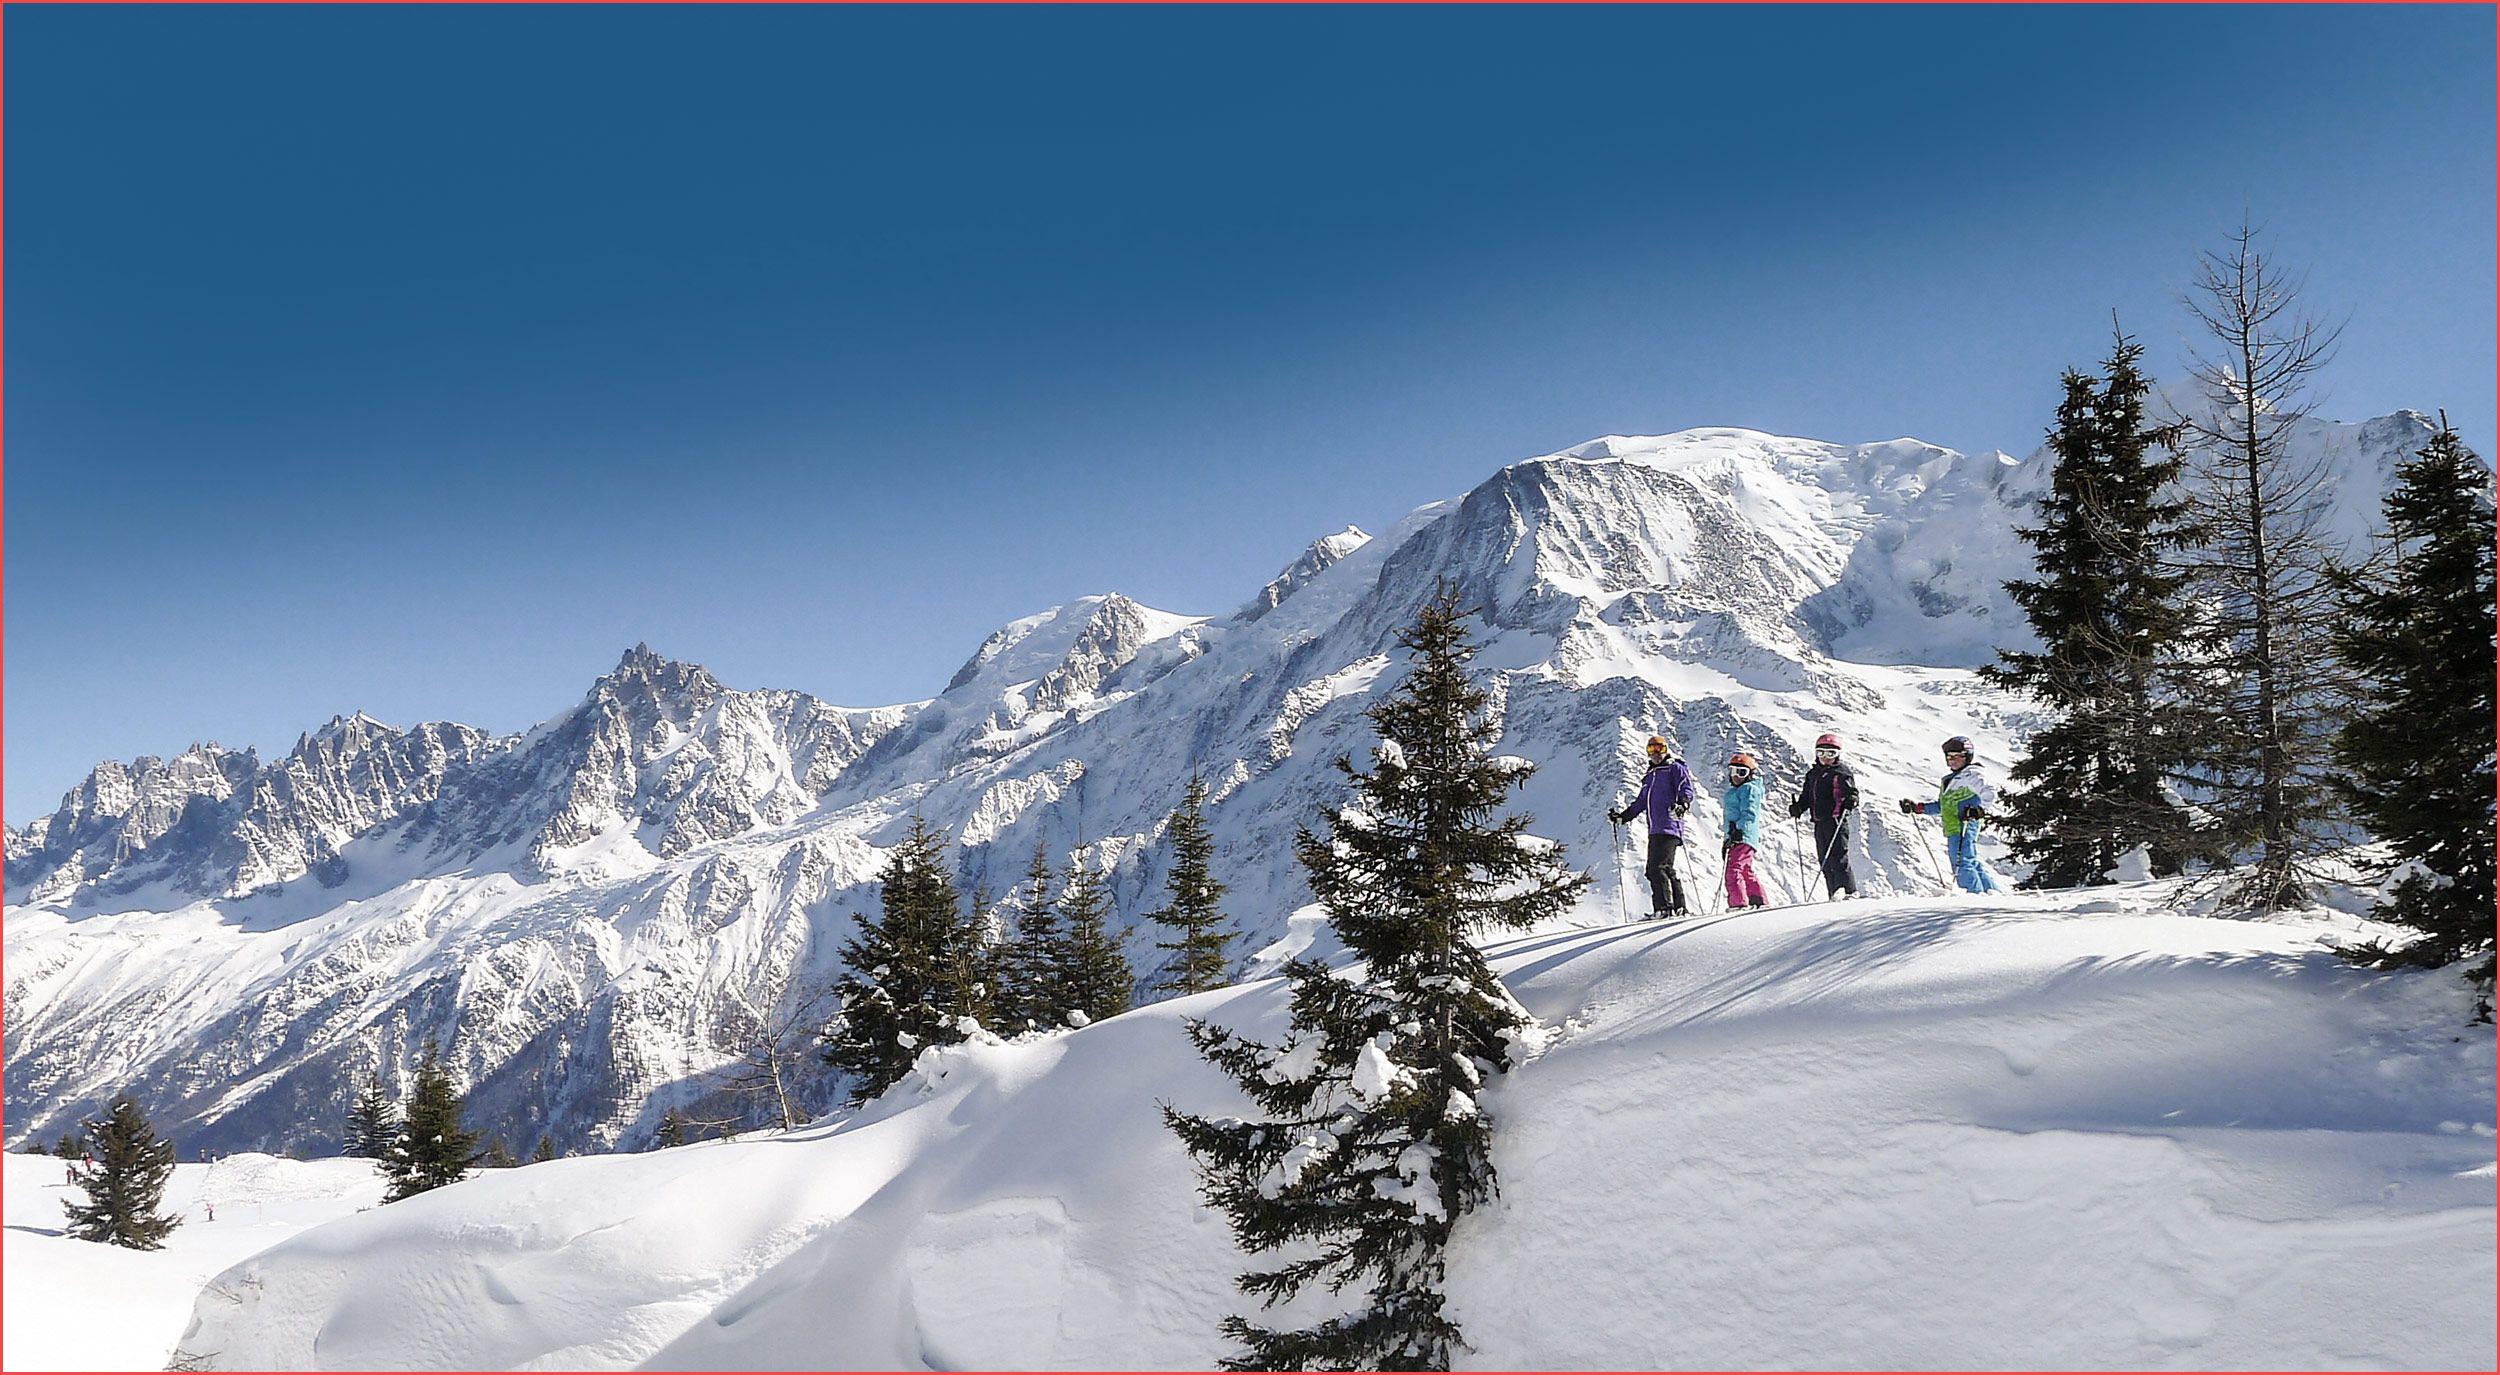 الجبل الأبيض شامونيه فرنسا